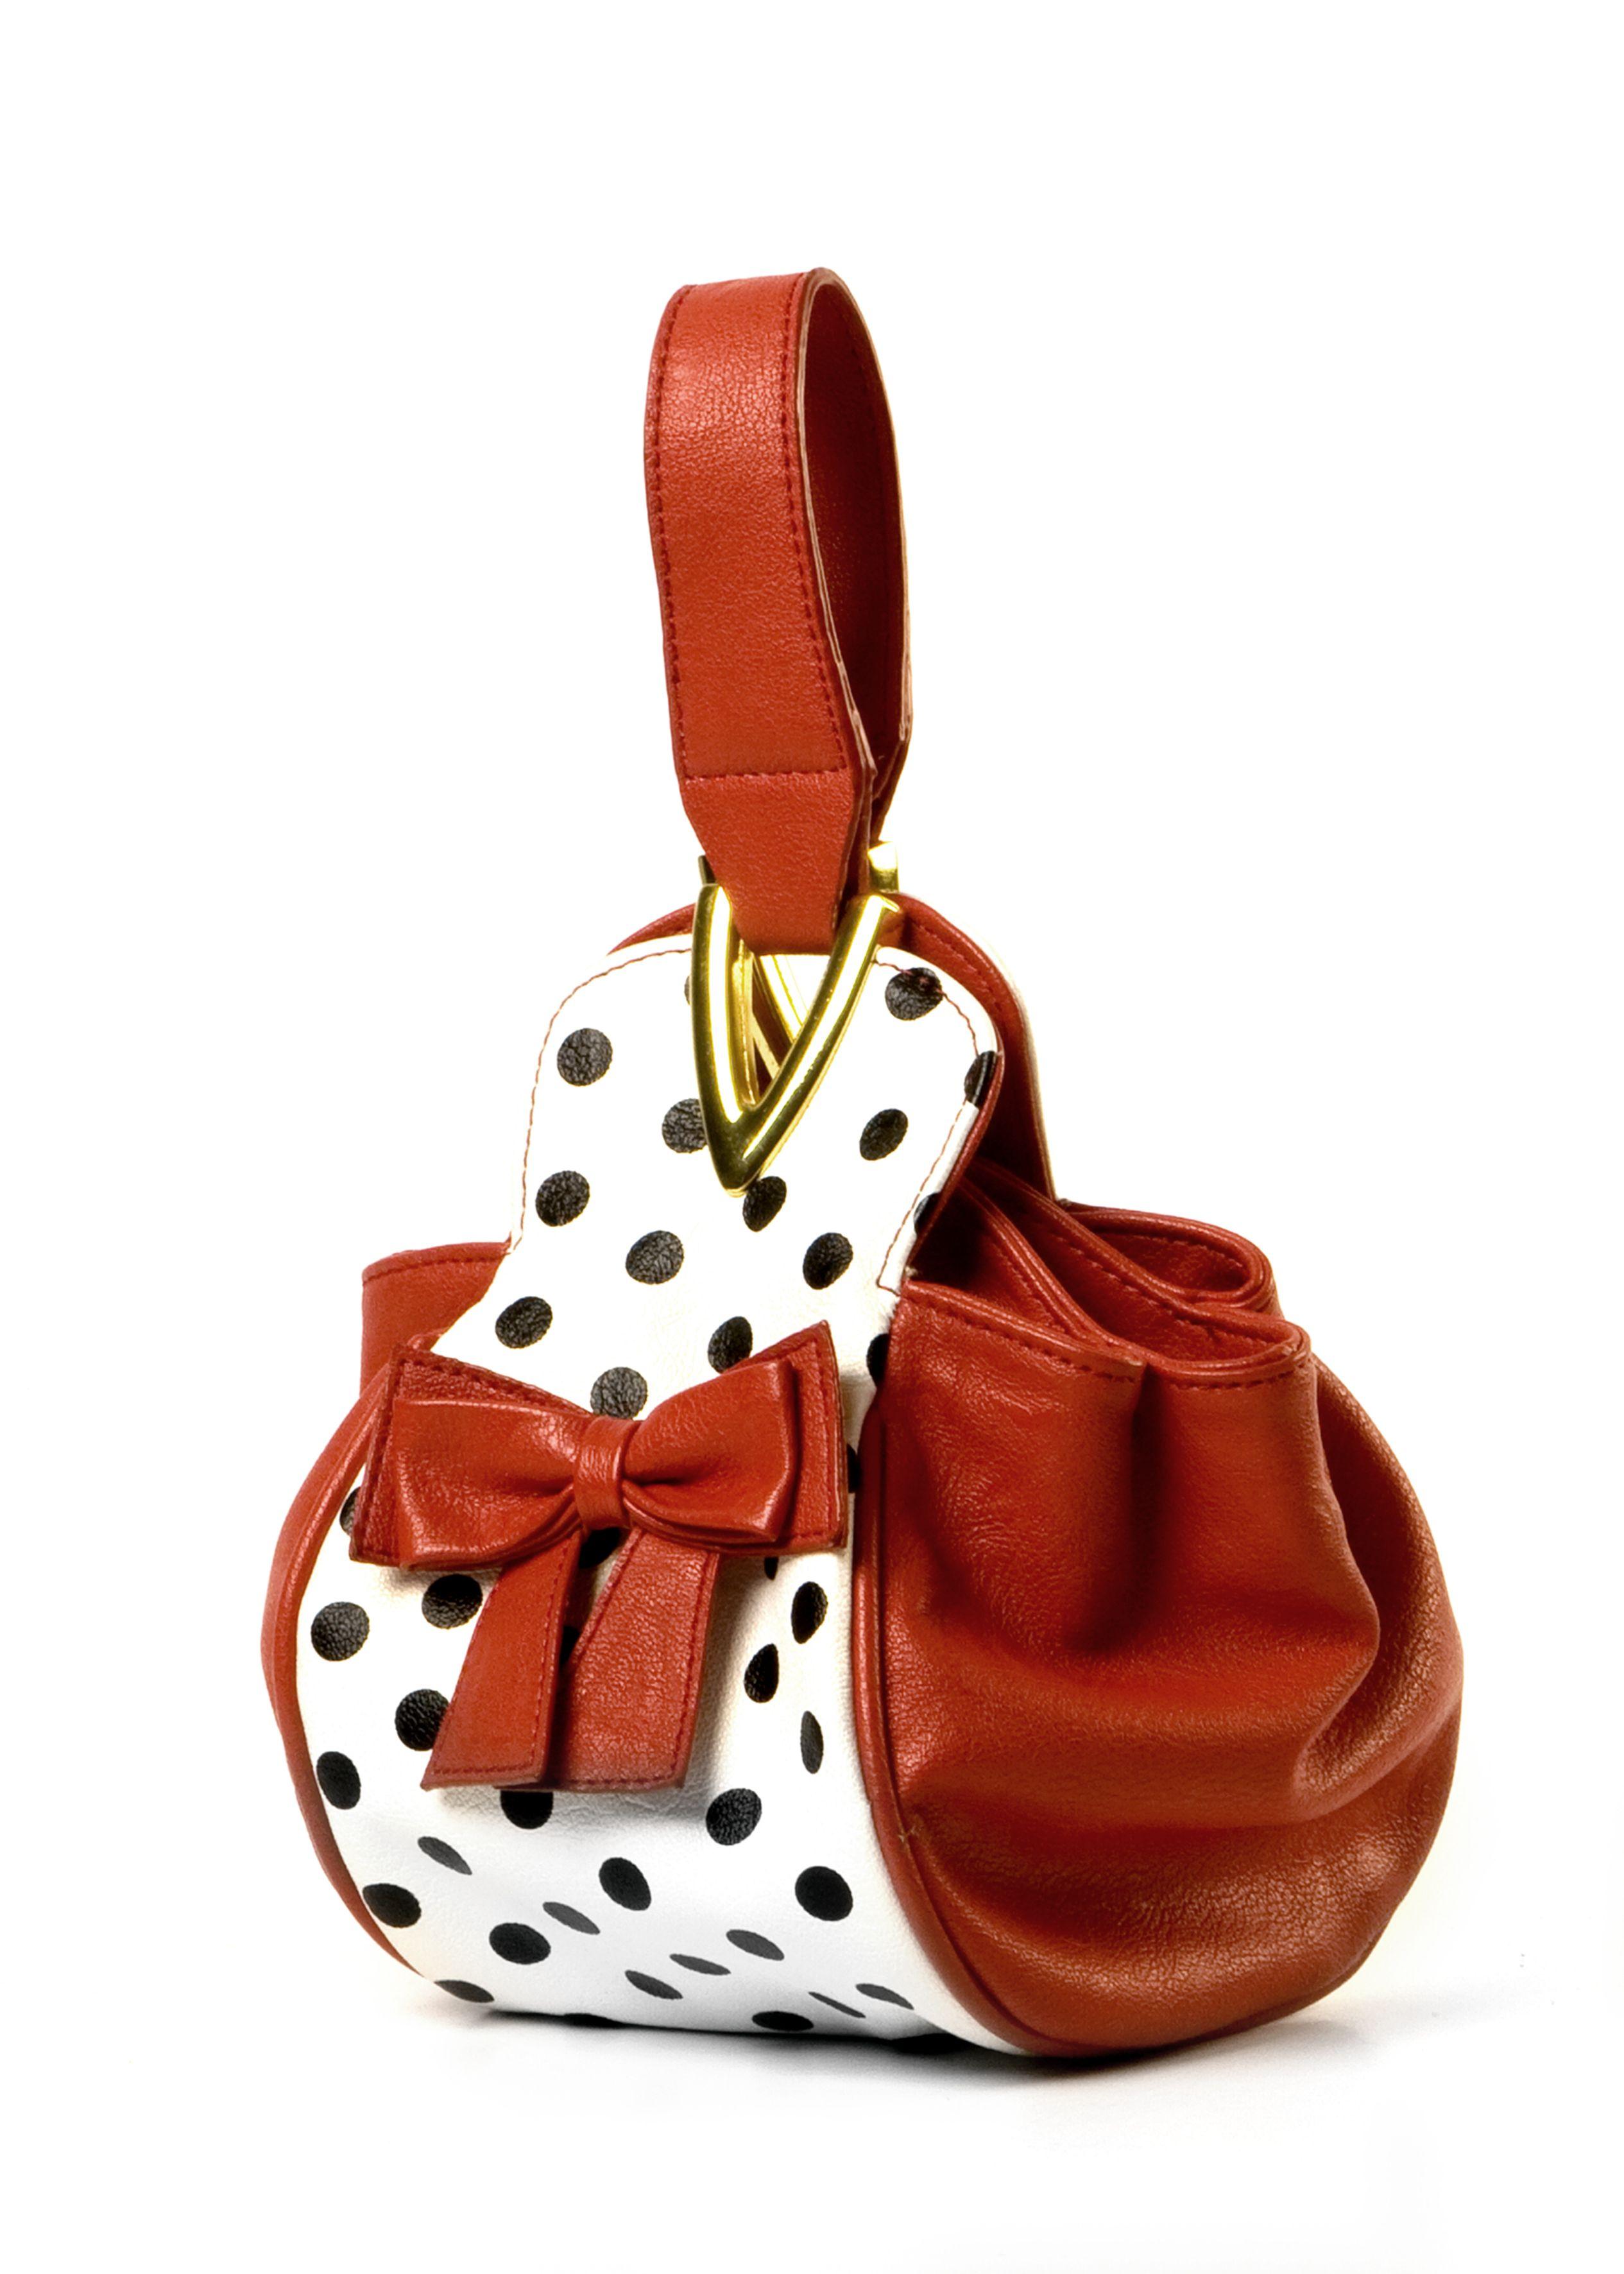 Ausgefallene Handtaschen Trendige Handtaschen Mit Punkten